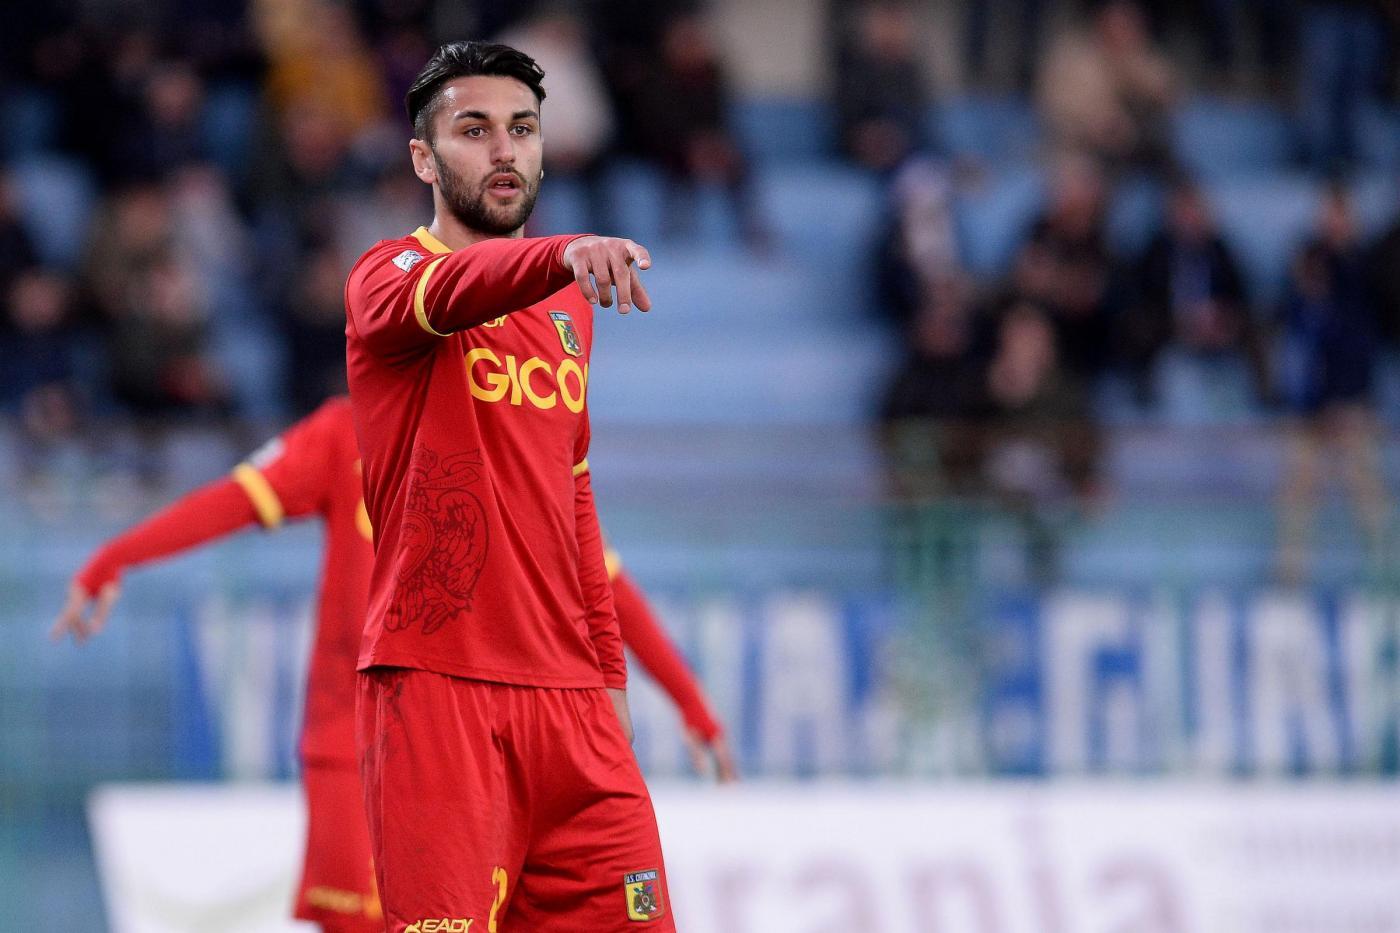 Catanzaro-Vibonese 25 settembre: match del gruppo C della Serie B. I calabresi partono con i favori del pronostico per i 3 punti.